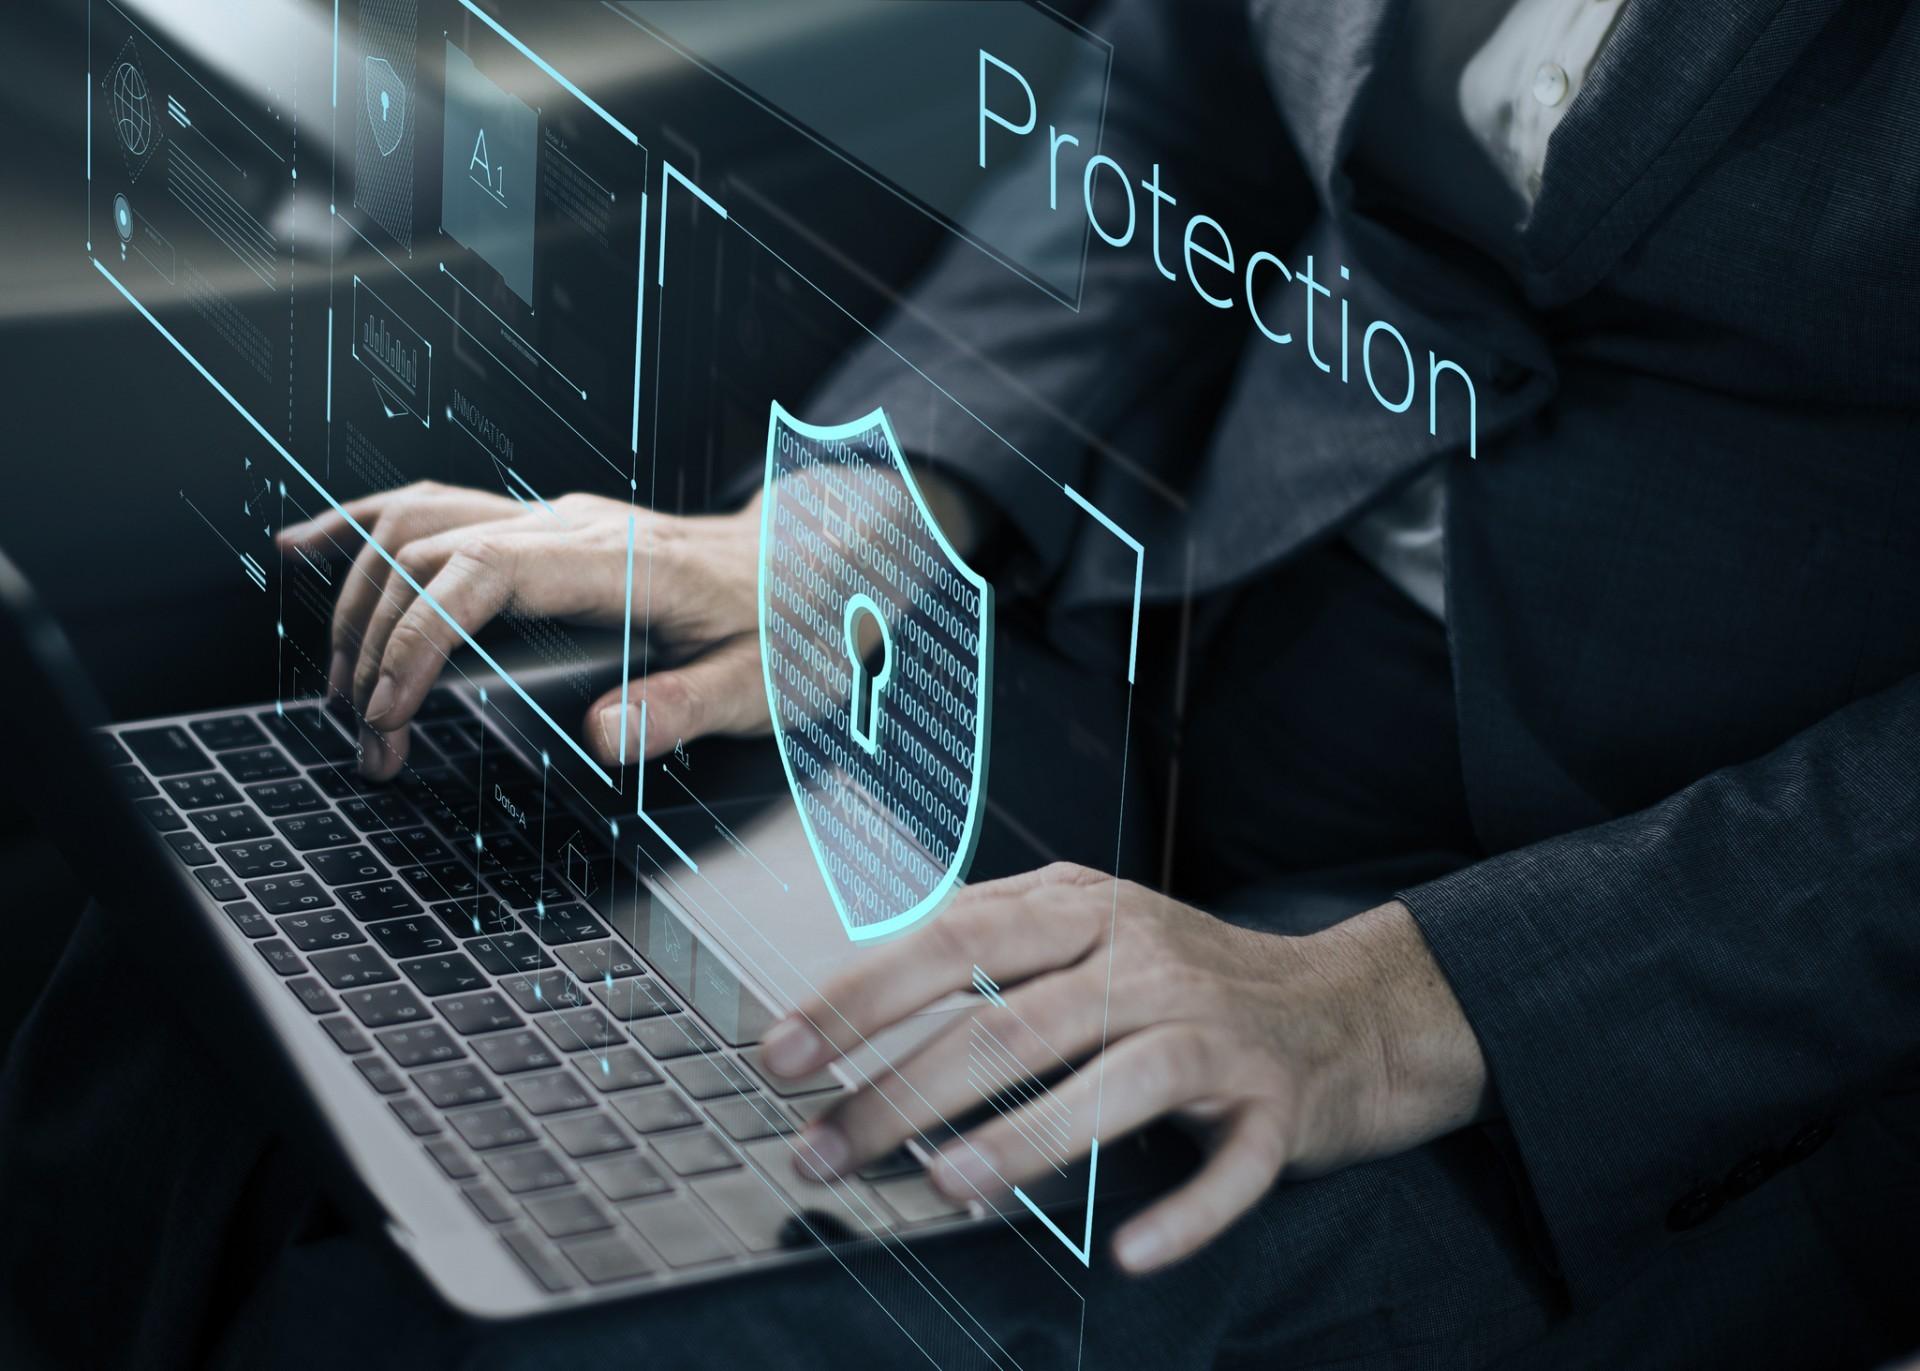 ביטוח אחריות אינטרנט